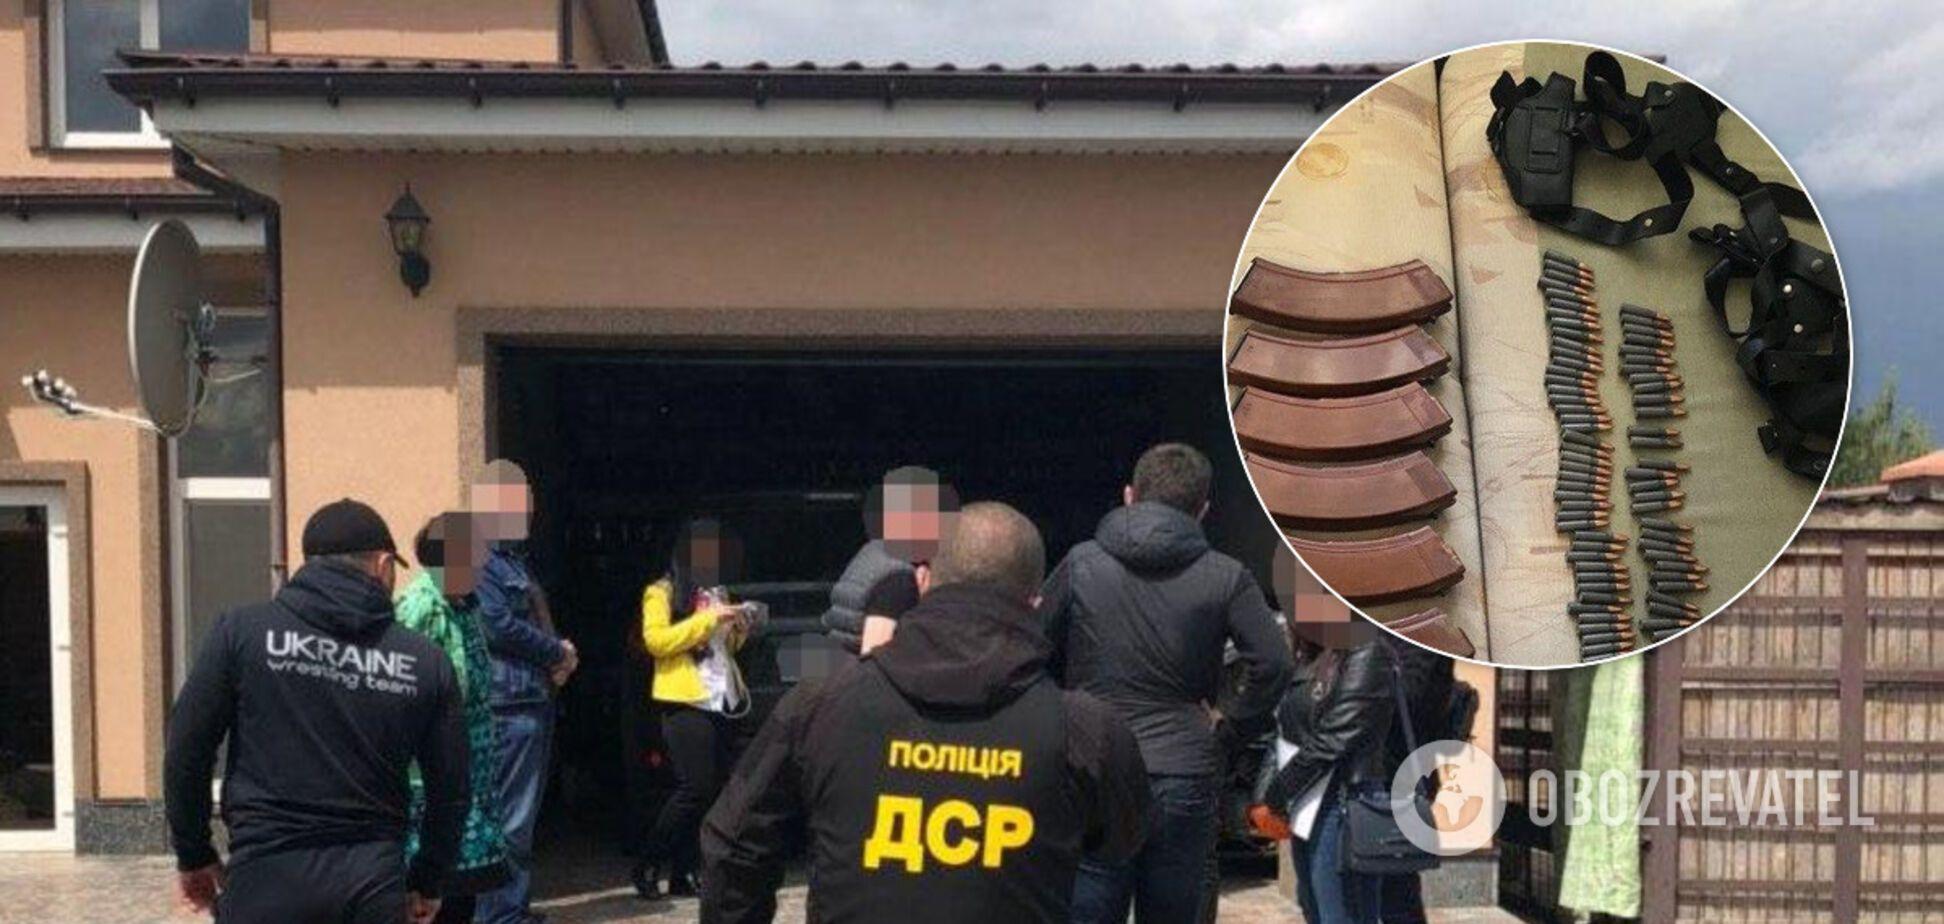 Поліція провела обшуки у фігурантів перестрілки в Броварах: вилучені ножі та пістолети